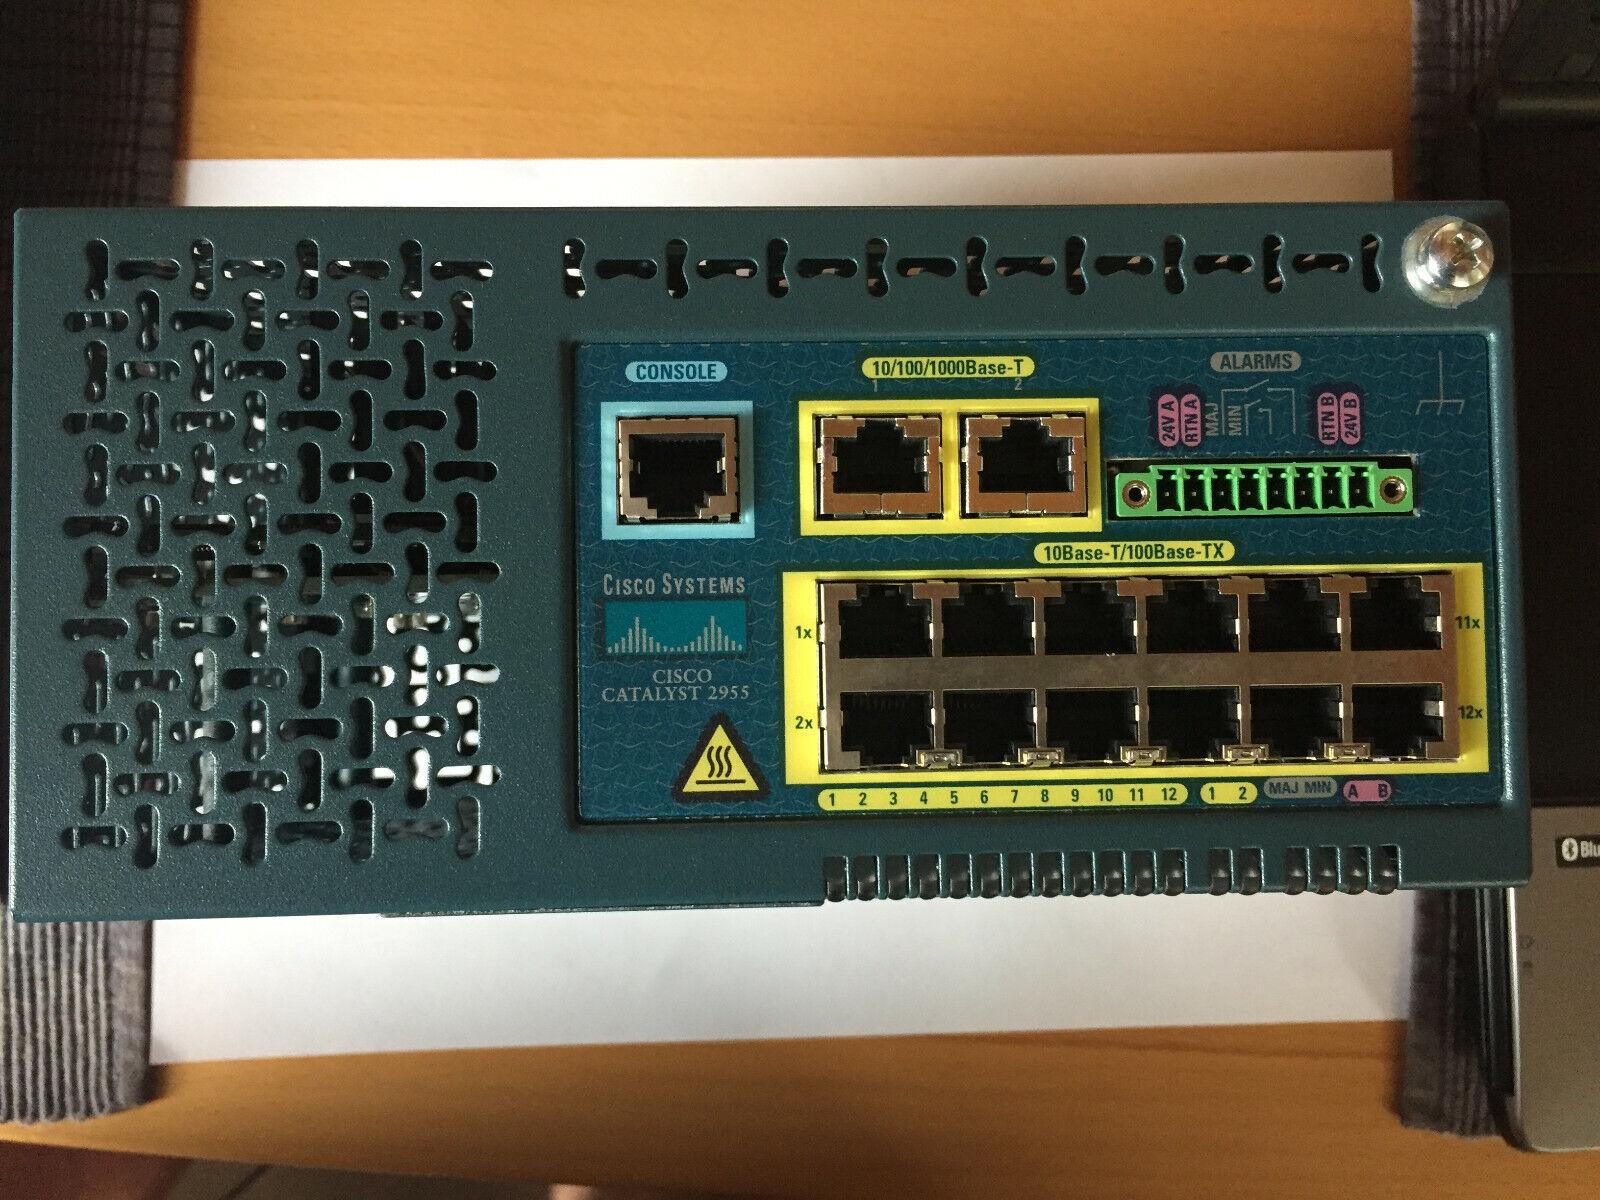 Switch CISCO SYSTEMS Catalyst 2955 WS-C2955T-12 CNM9S30CRA 24 V für HUT Schiene